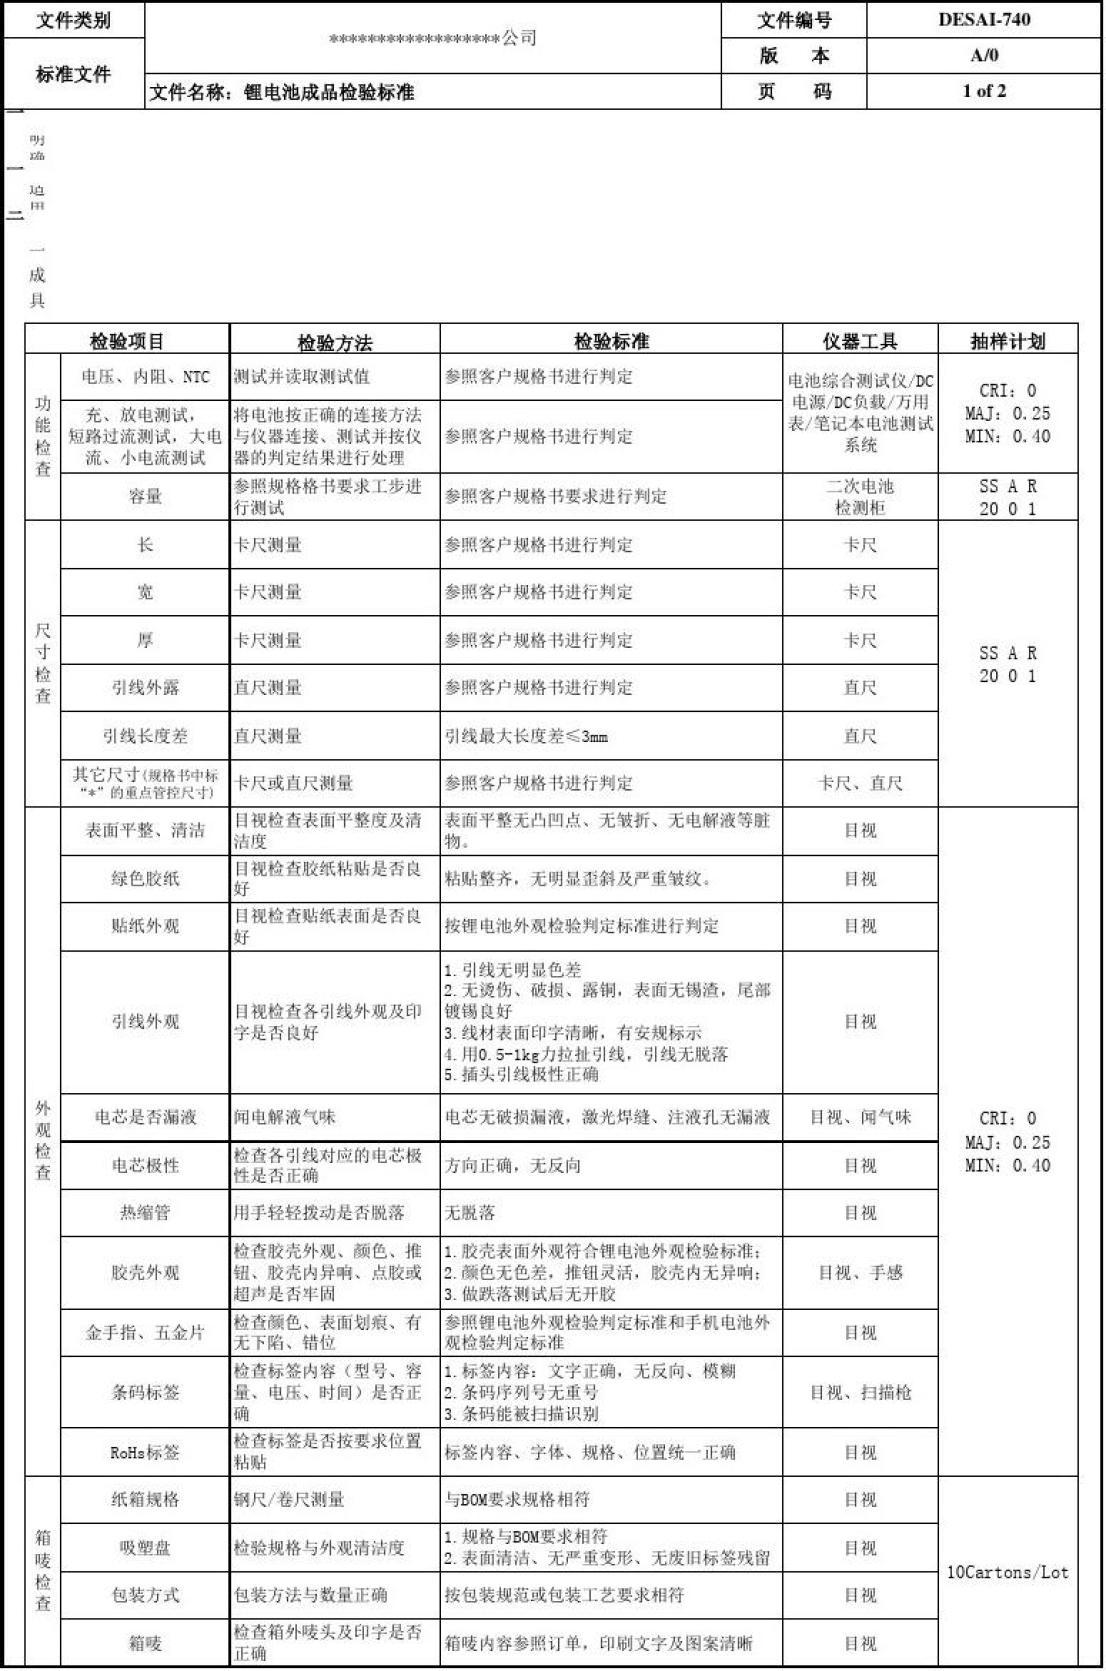 成品检验员职责_锂电池成品检验标准_文档下载